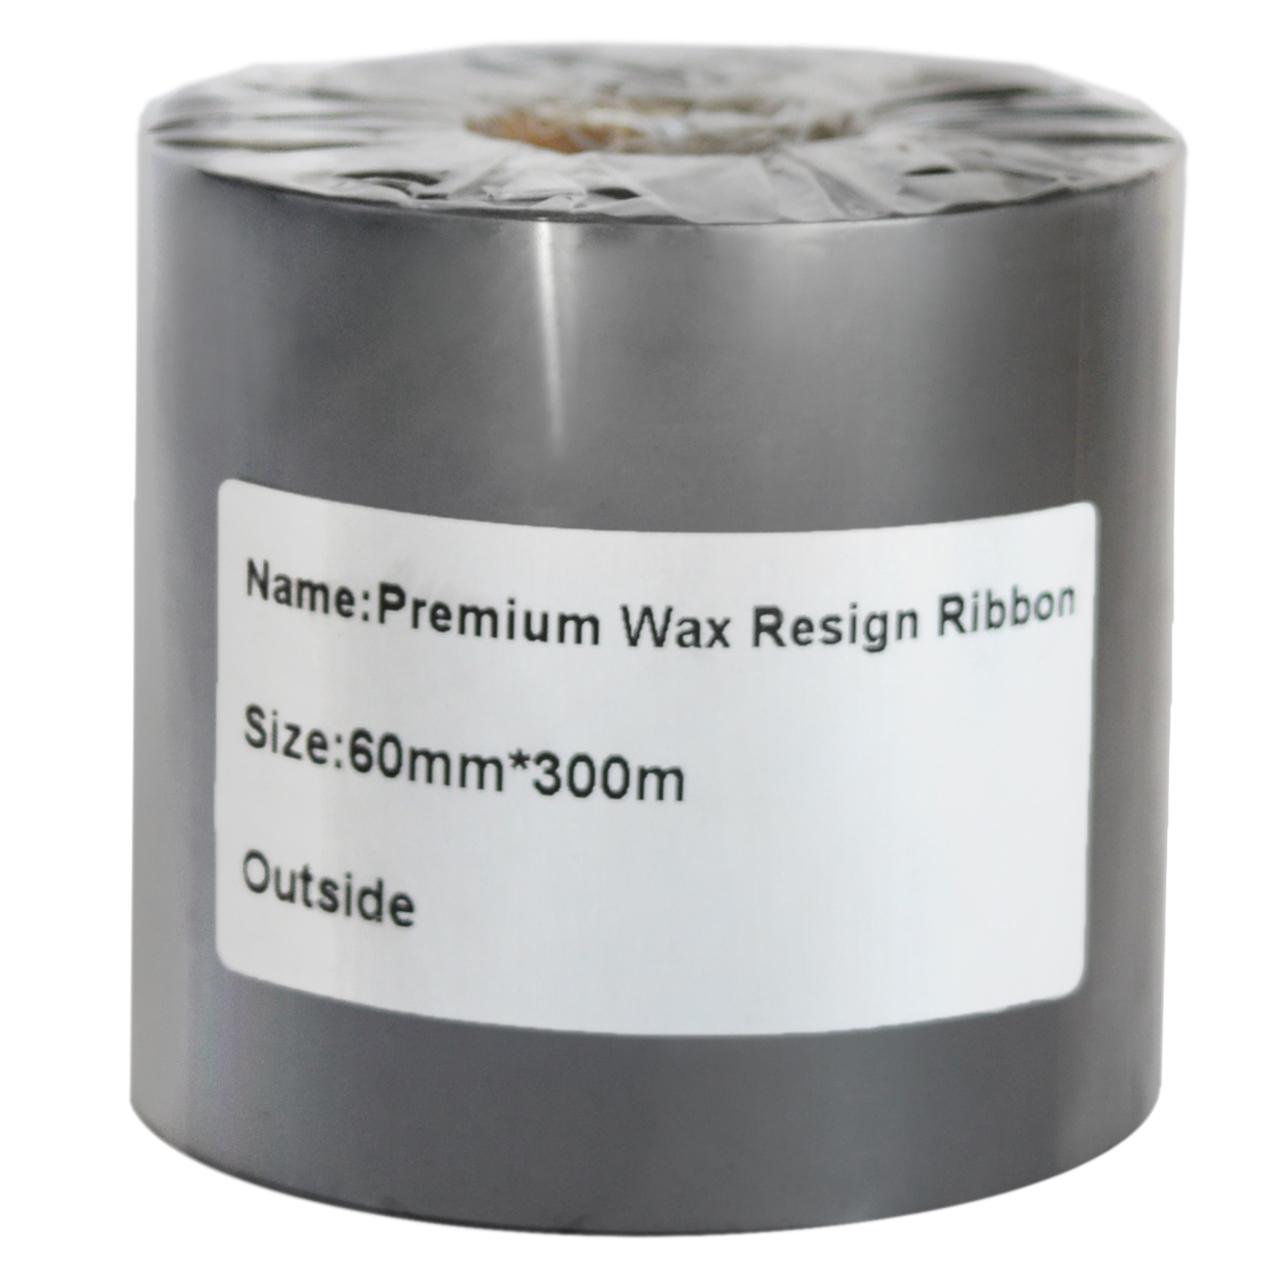 قیمت                      ریبون پرینتر لیبل زن مدل WAX/RESIN 60mm x 300m